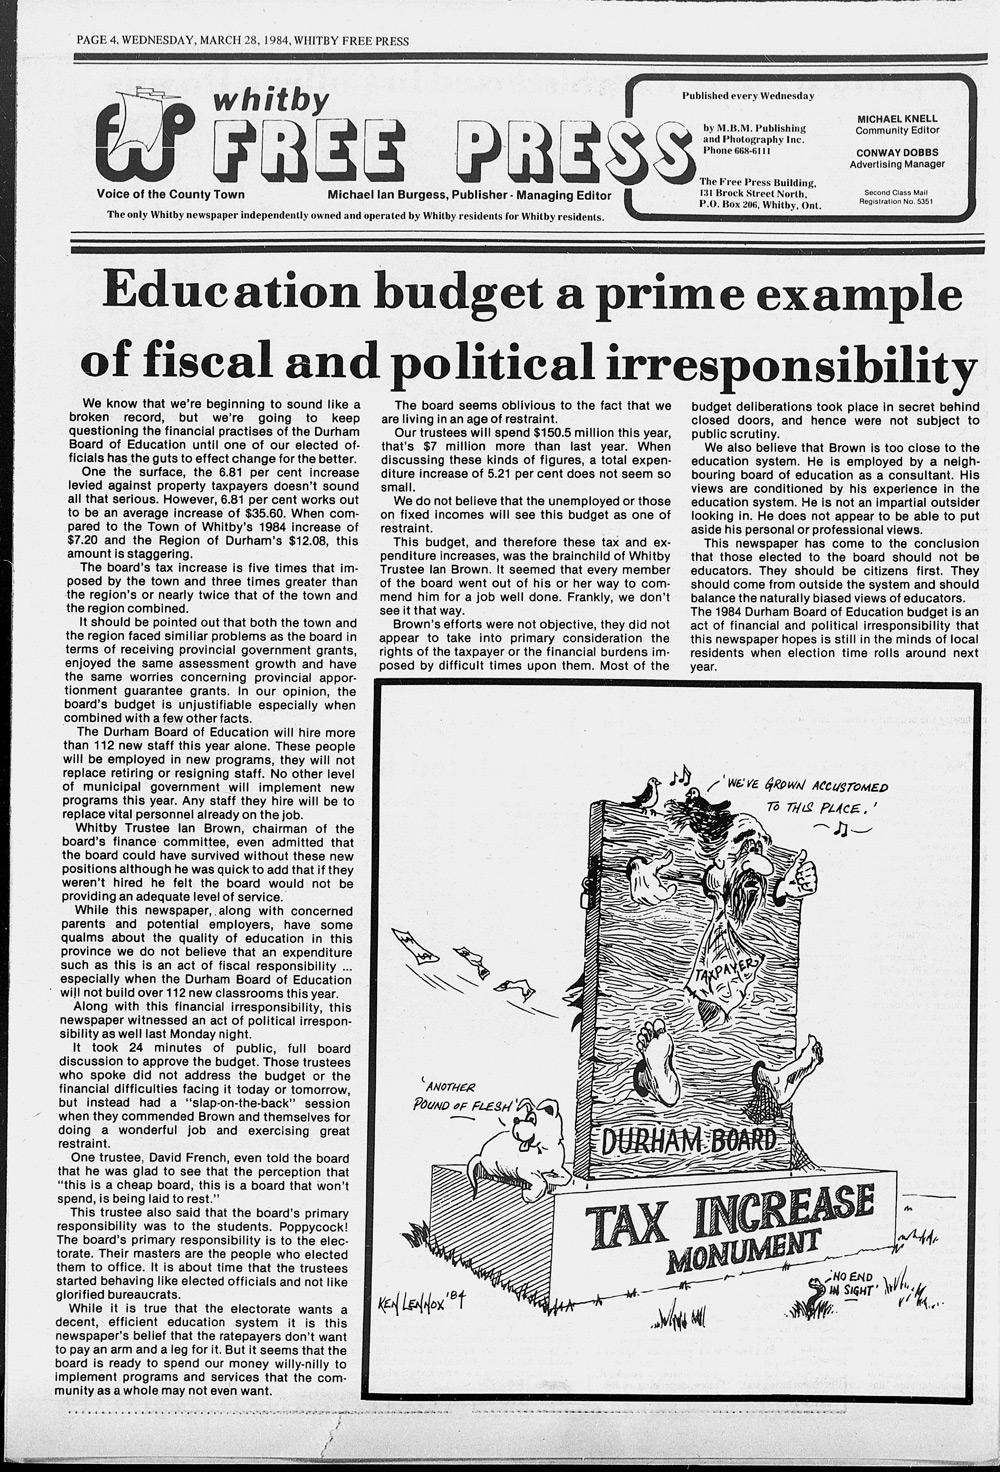 Whitby Free Press, 28 Mar 1984